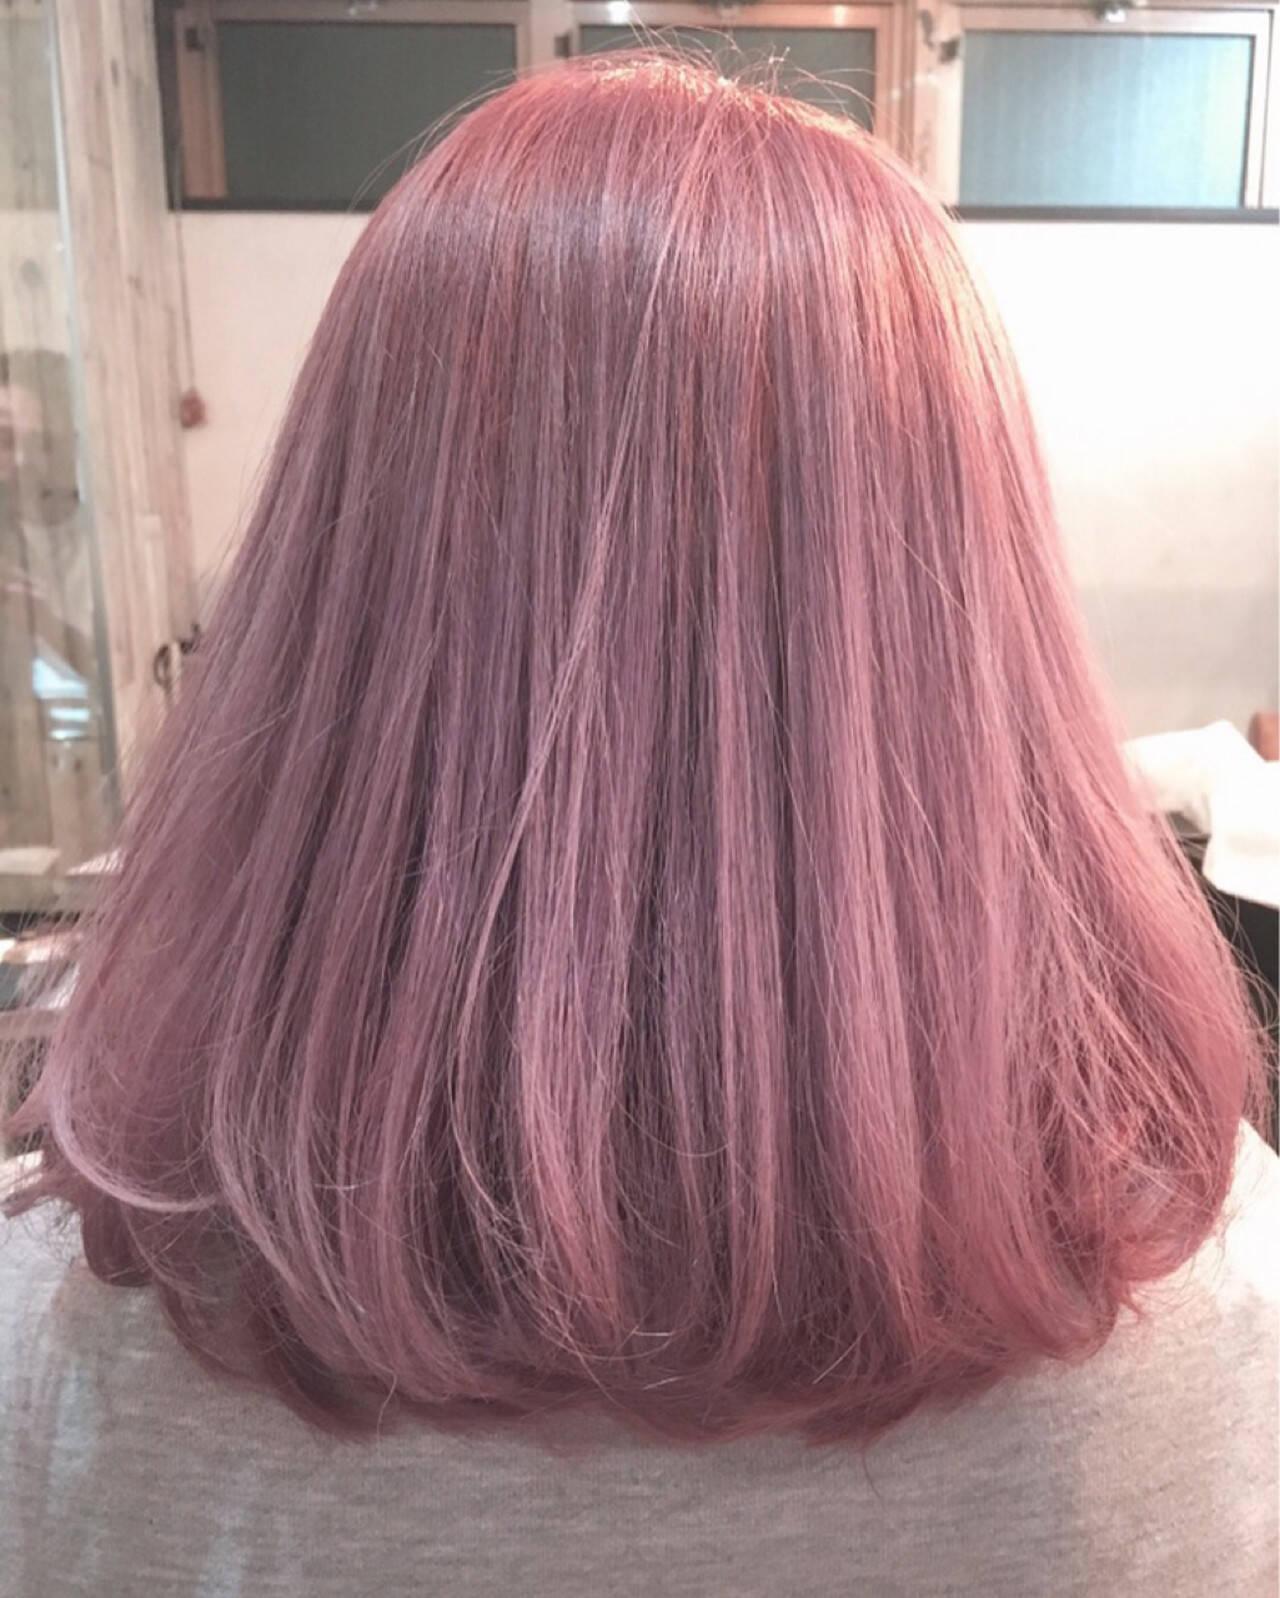 ベージュ ガーリー ボブ ラベンダーアッシュヘアスタイルや髪型の写真・画像